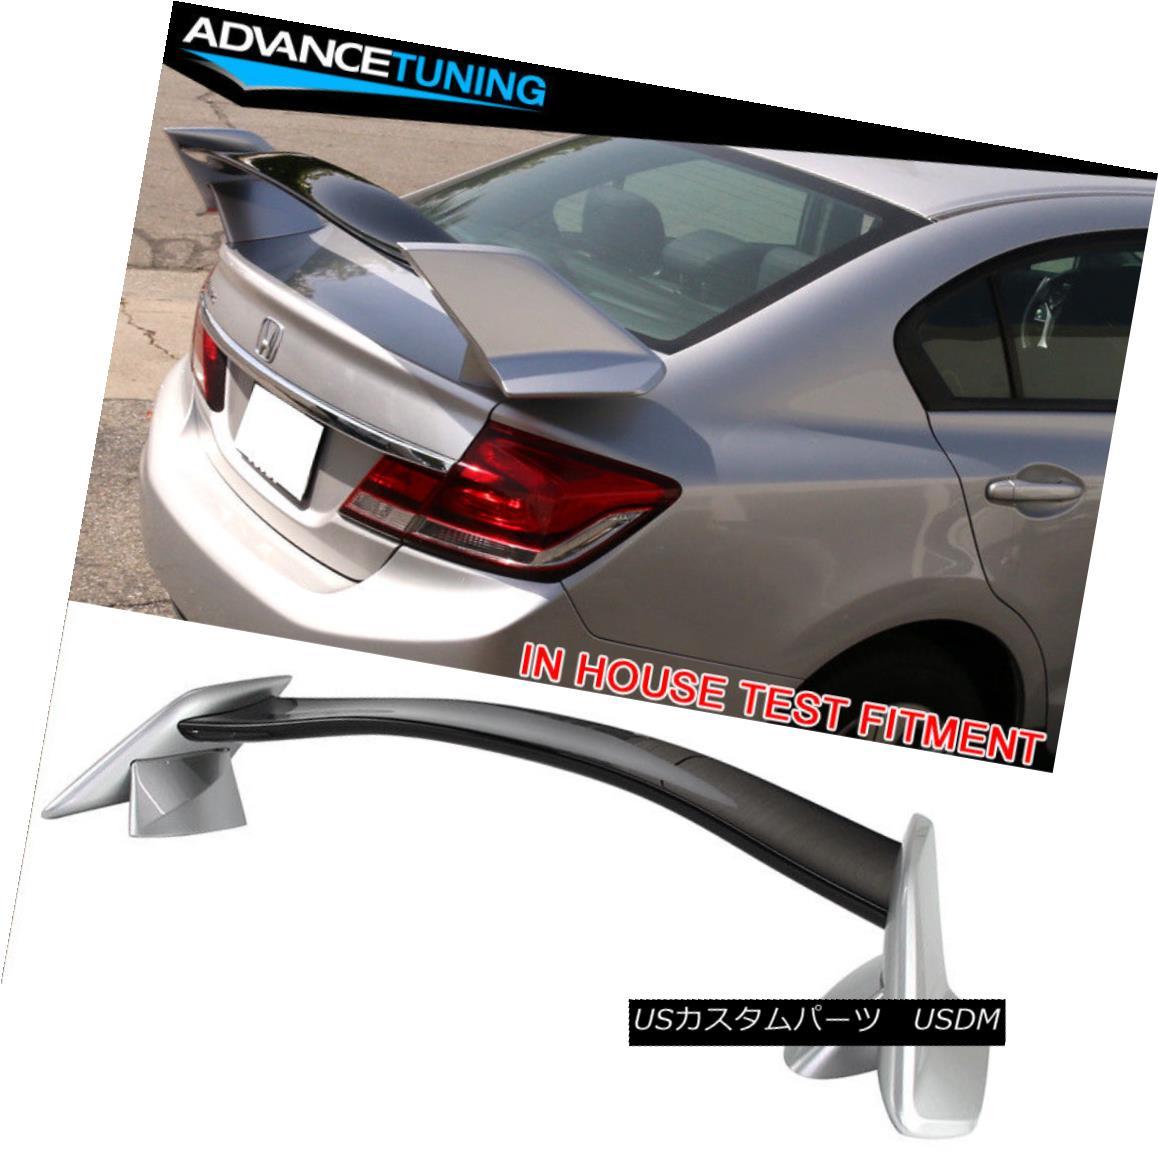 エアロパーツ Fits 12-15 Civic Type R Trunk Spoiler OEM Painted #700 Alabaster Silver Metallic 12-15シビックタイプRのトランク・スポイラーOEM塗装#700アラバスターシルバーメタリックに適合